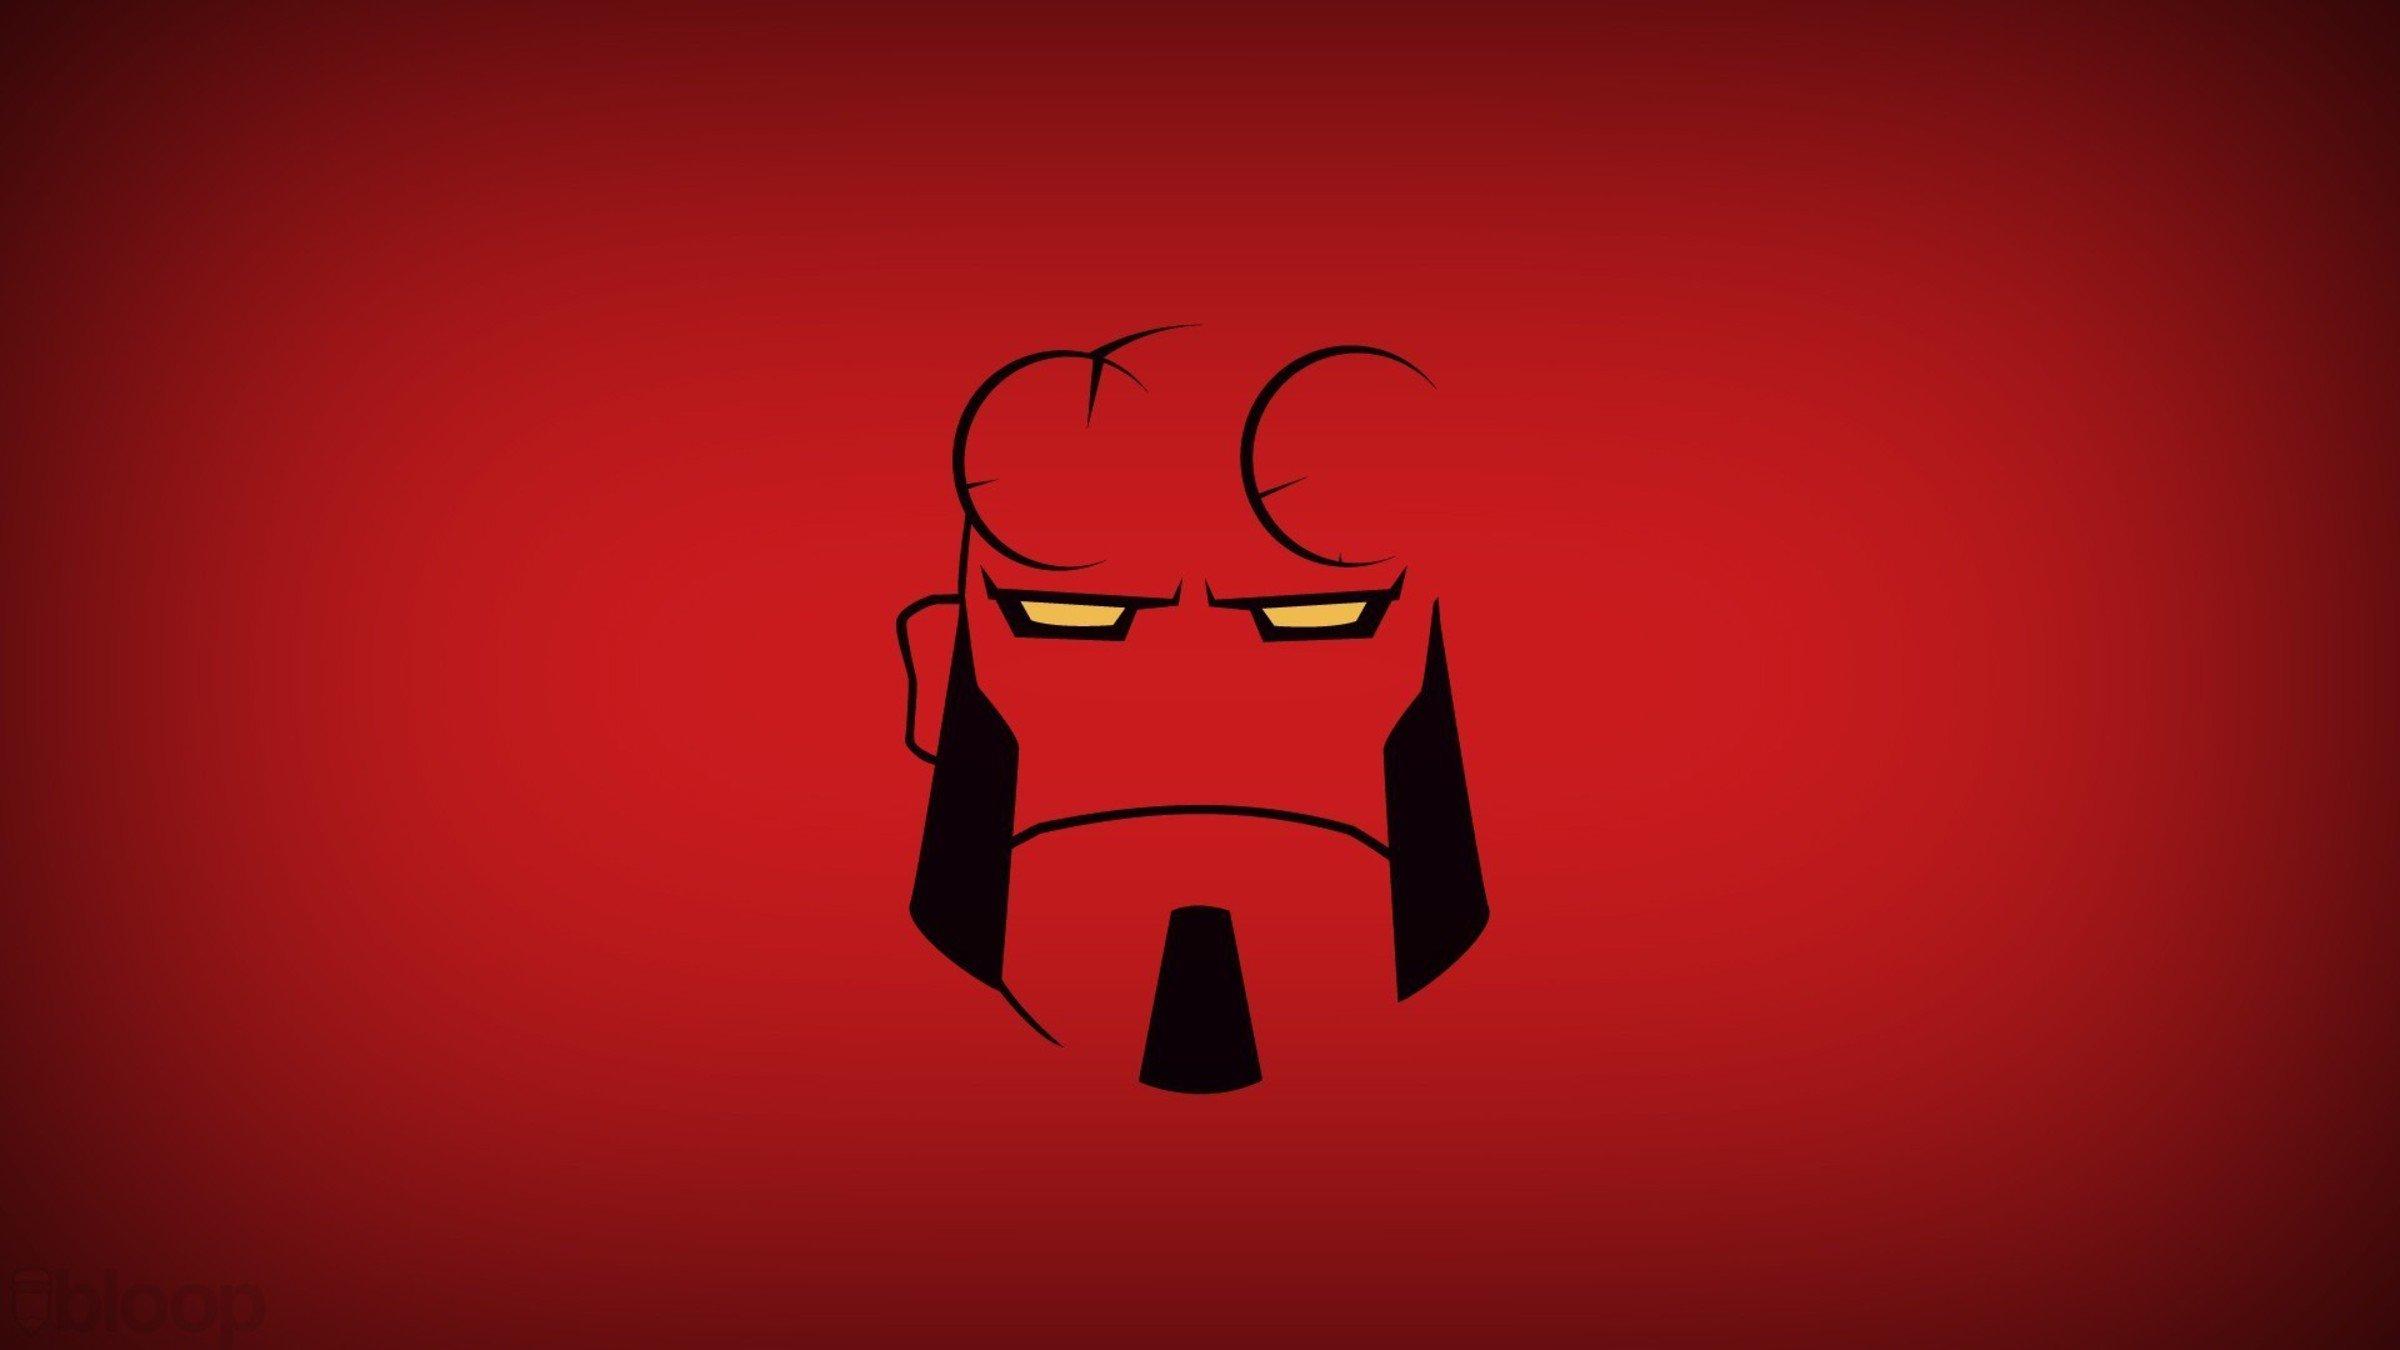 Игры и фильмы по комиксам: Hellboy - Изображение 1